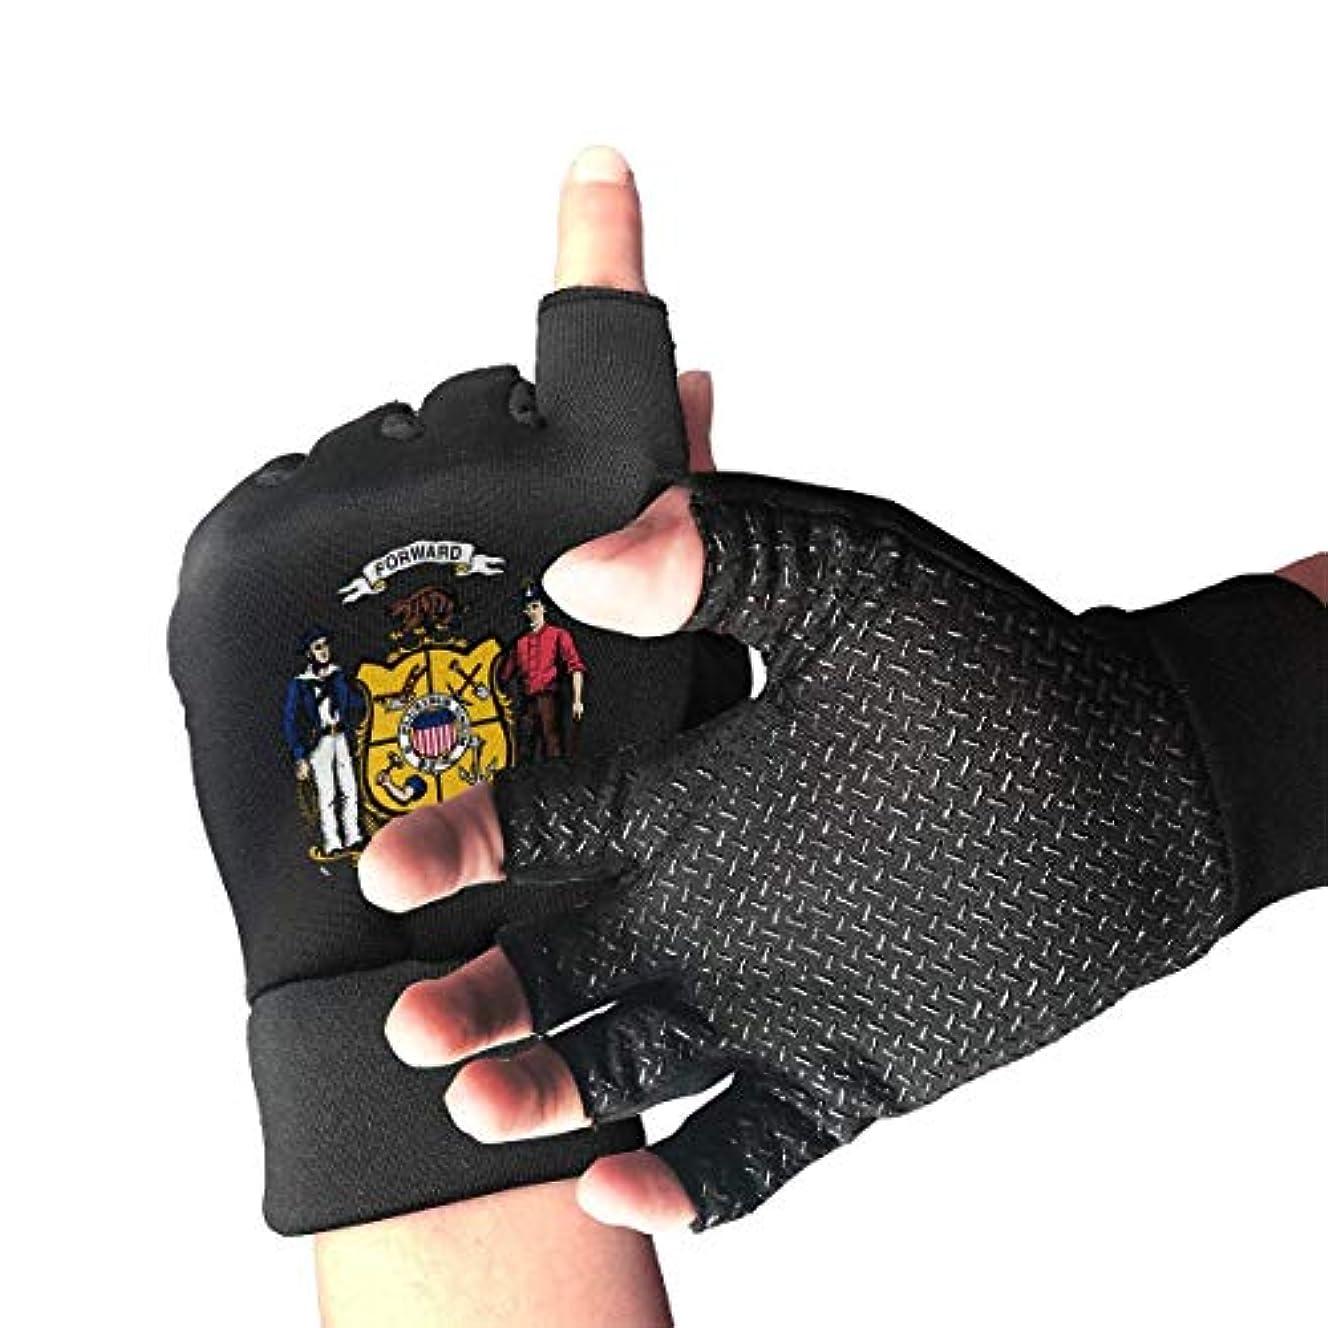 秀でる風が強いライオンWisconsin State Seal Fingerless/Half Finger Gloves自転車用手袋/サイクリングマウンテン用手袋/滑り止め衝撃吸収通気性メンズ/レディース用手袋